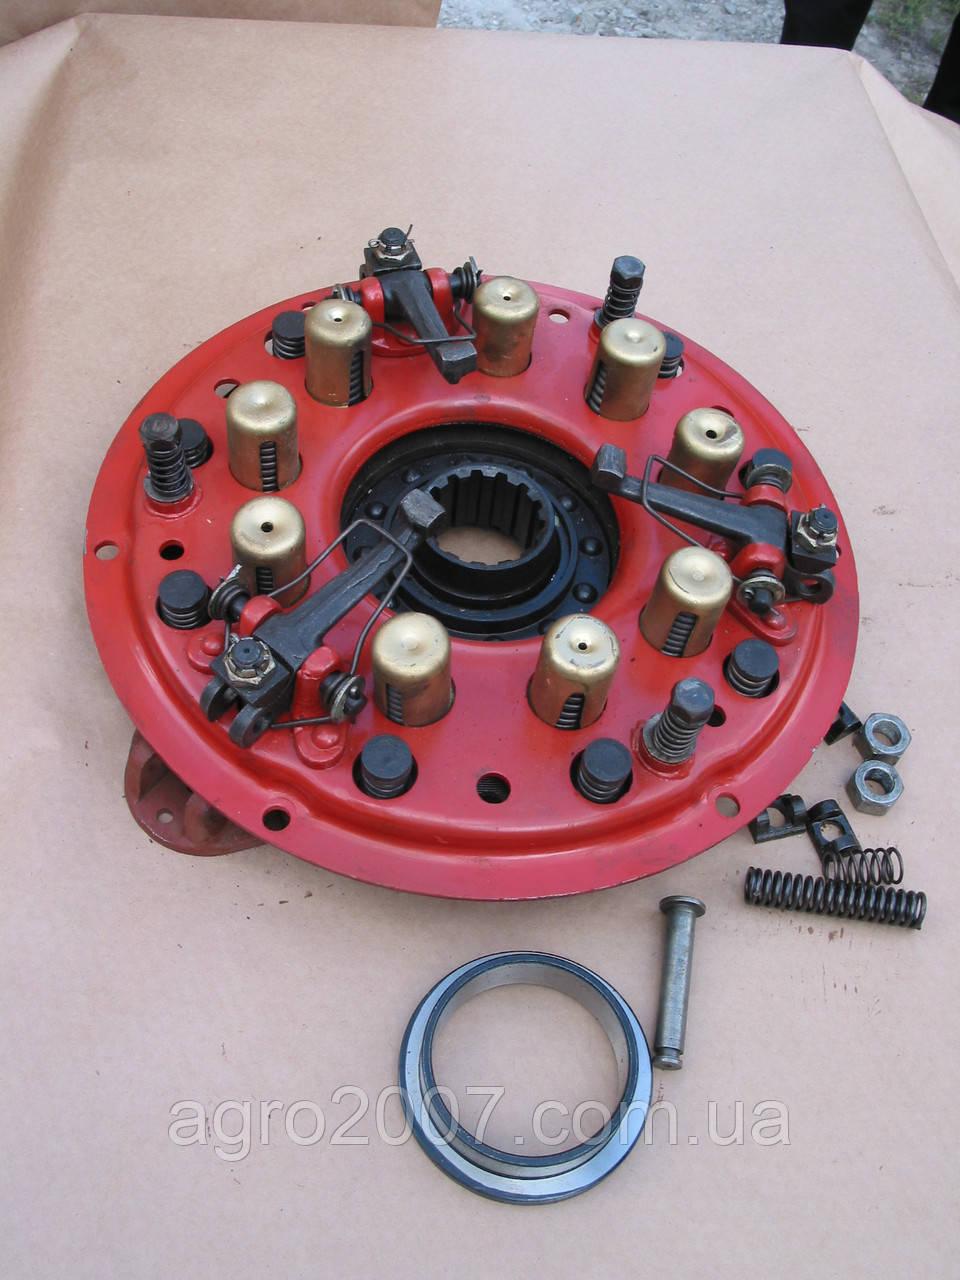 Корзина сцепления на жестком диске ЮМЗ-80 75-1604080